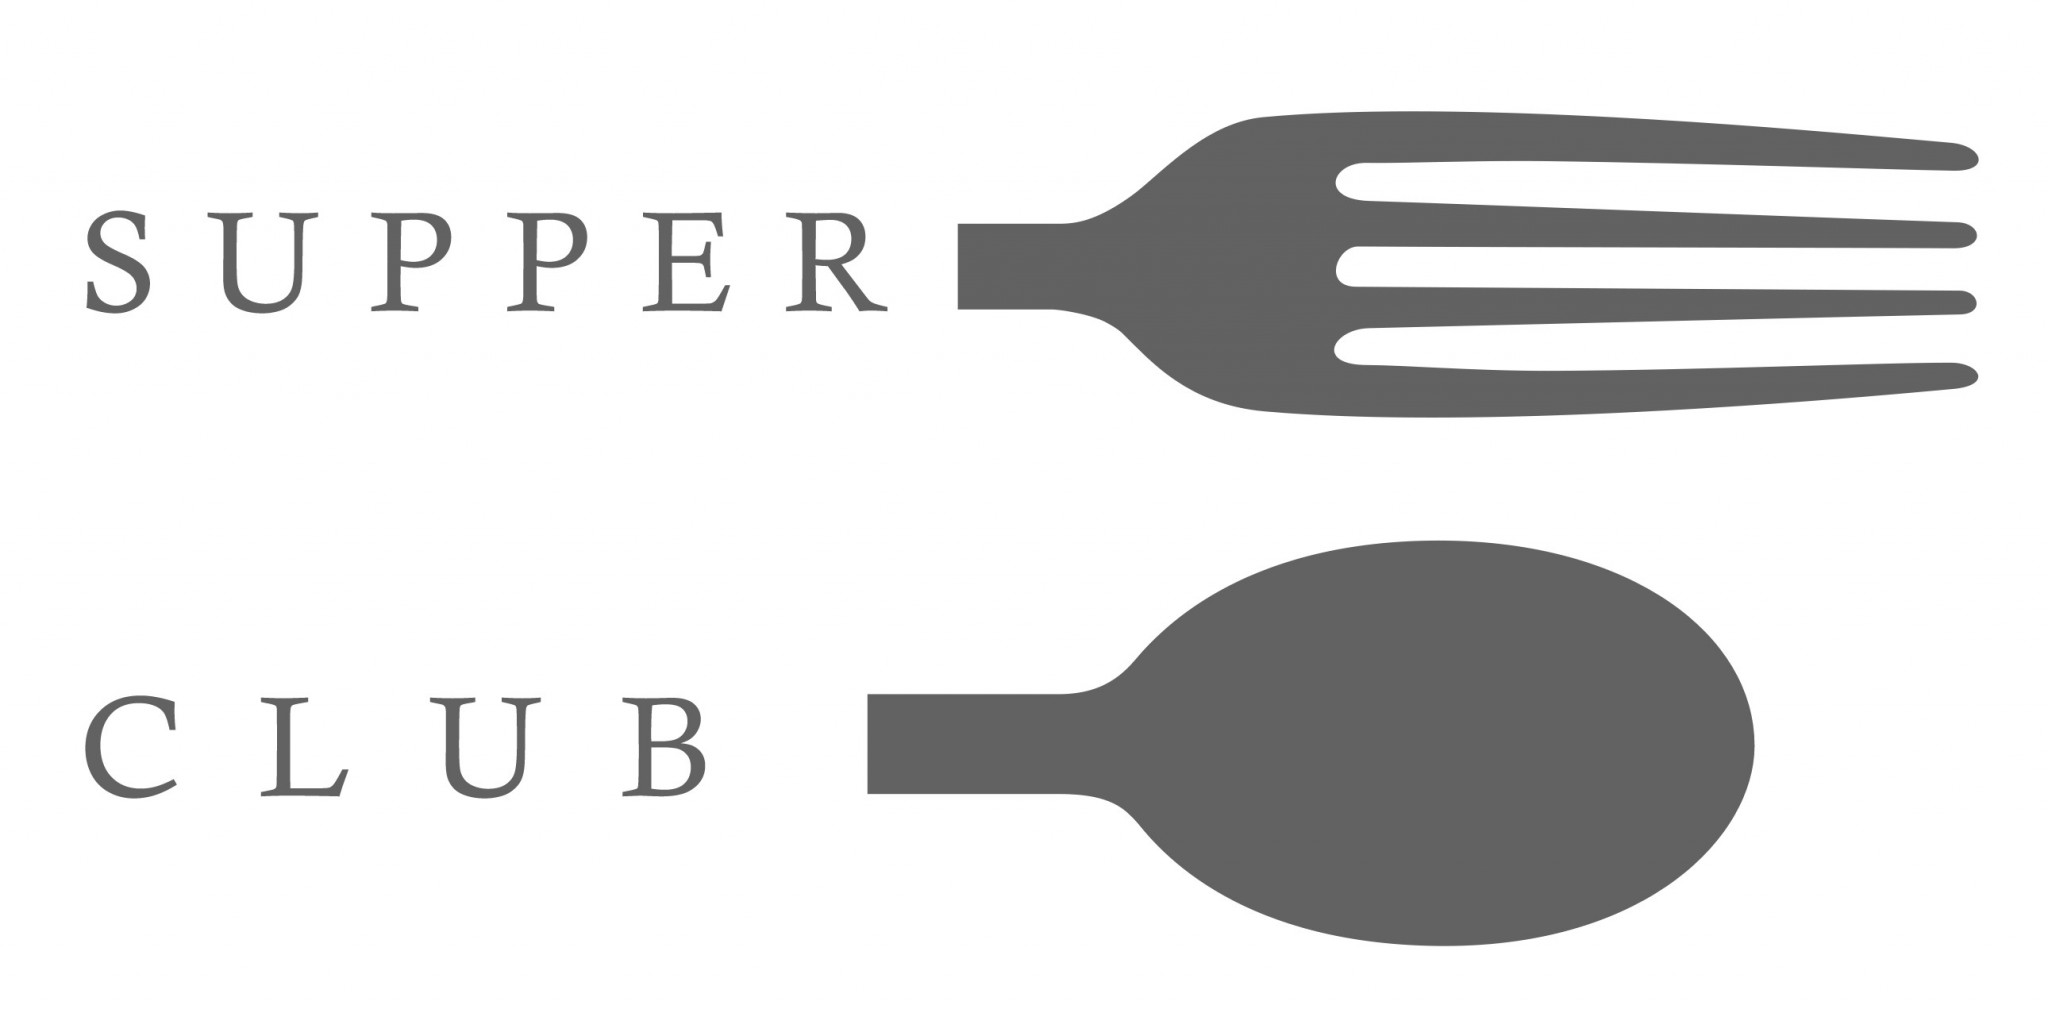 Supper-club-logo-2